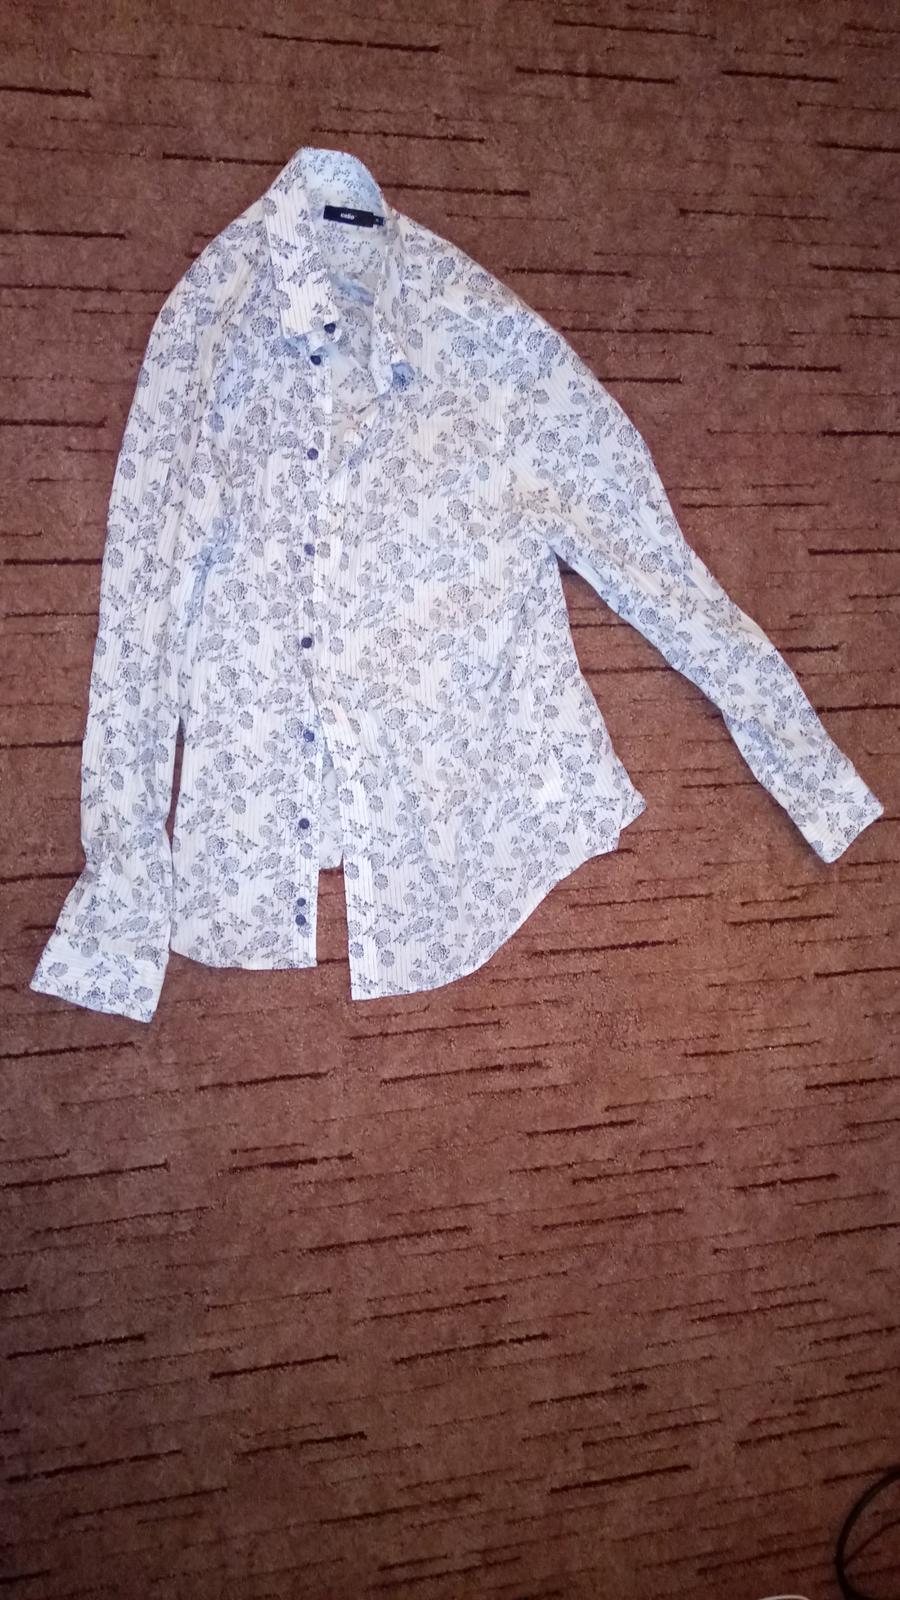 Kvetinková košeľa - Celio - Obrázok č. 1